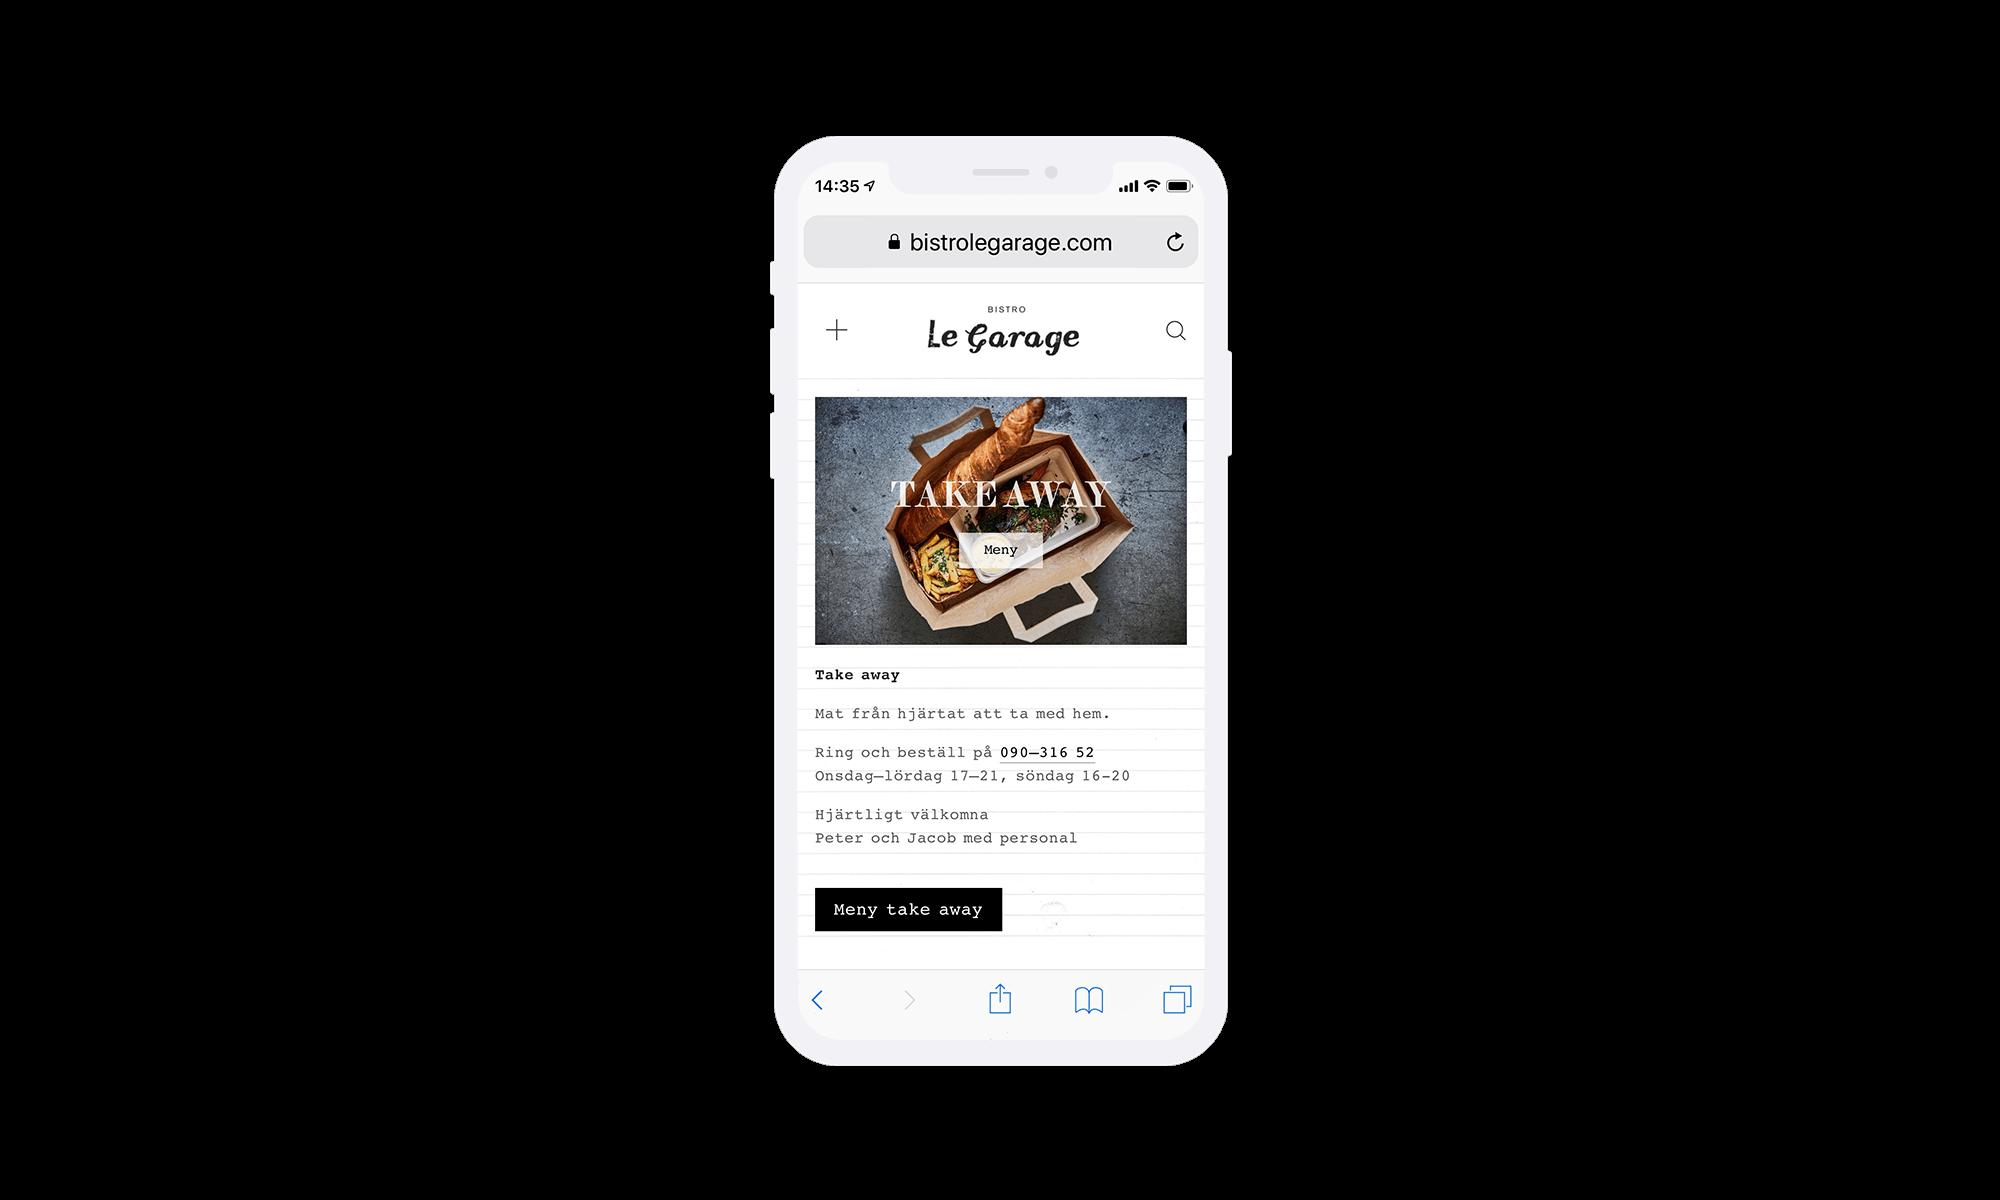 bistrolegarage.com